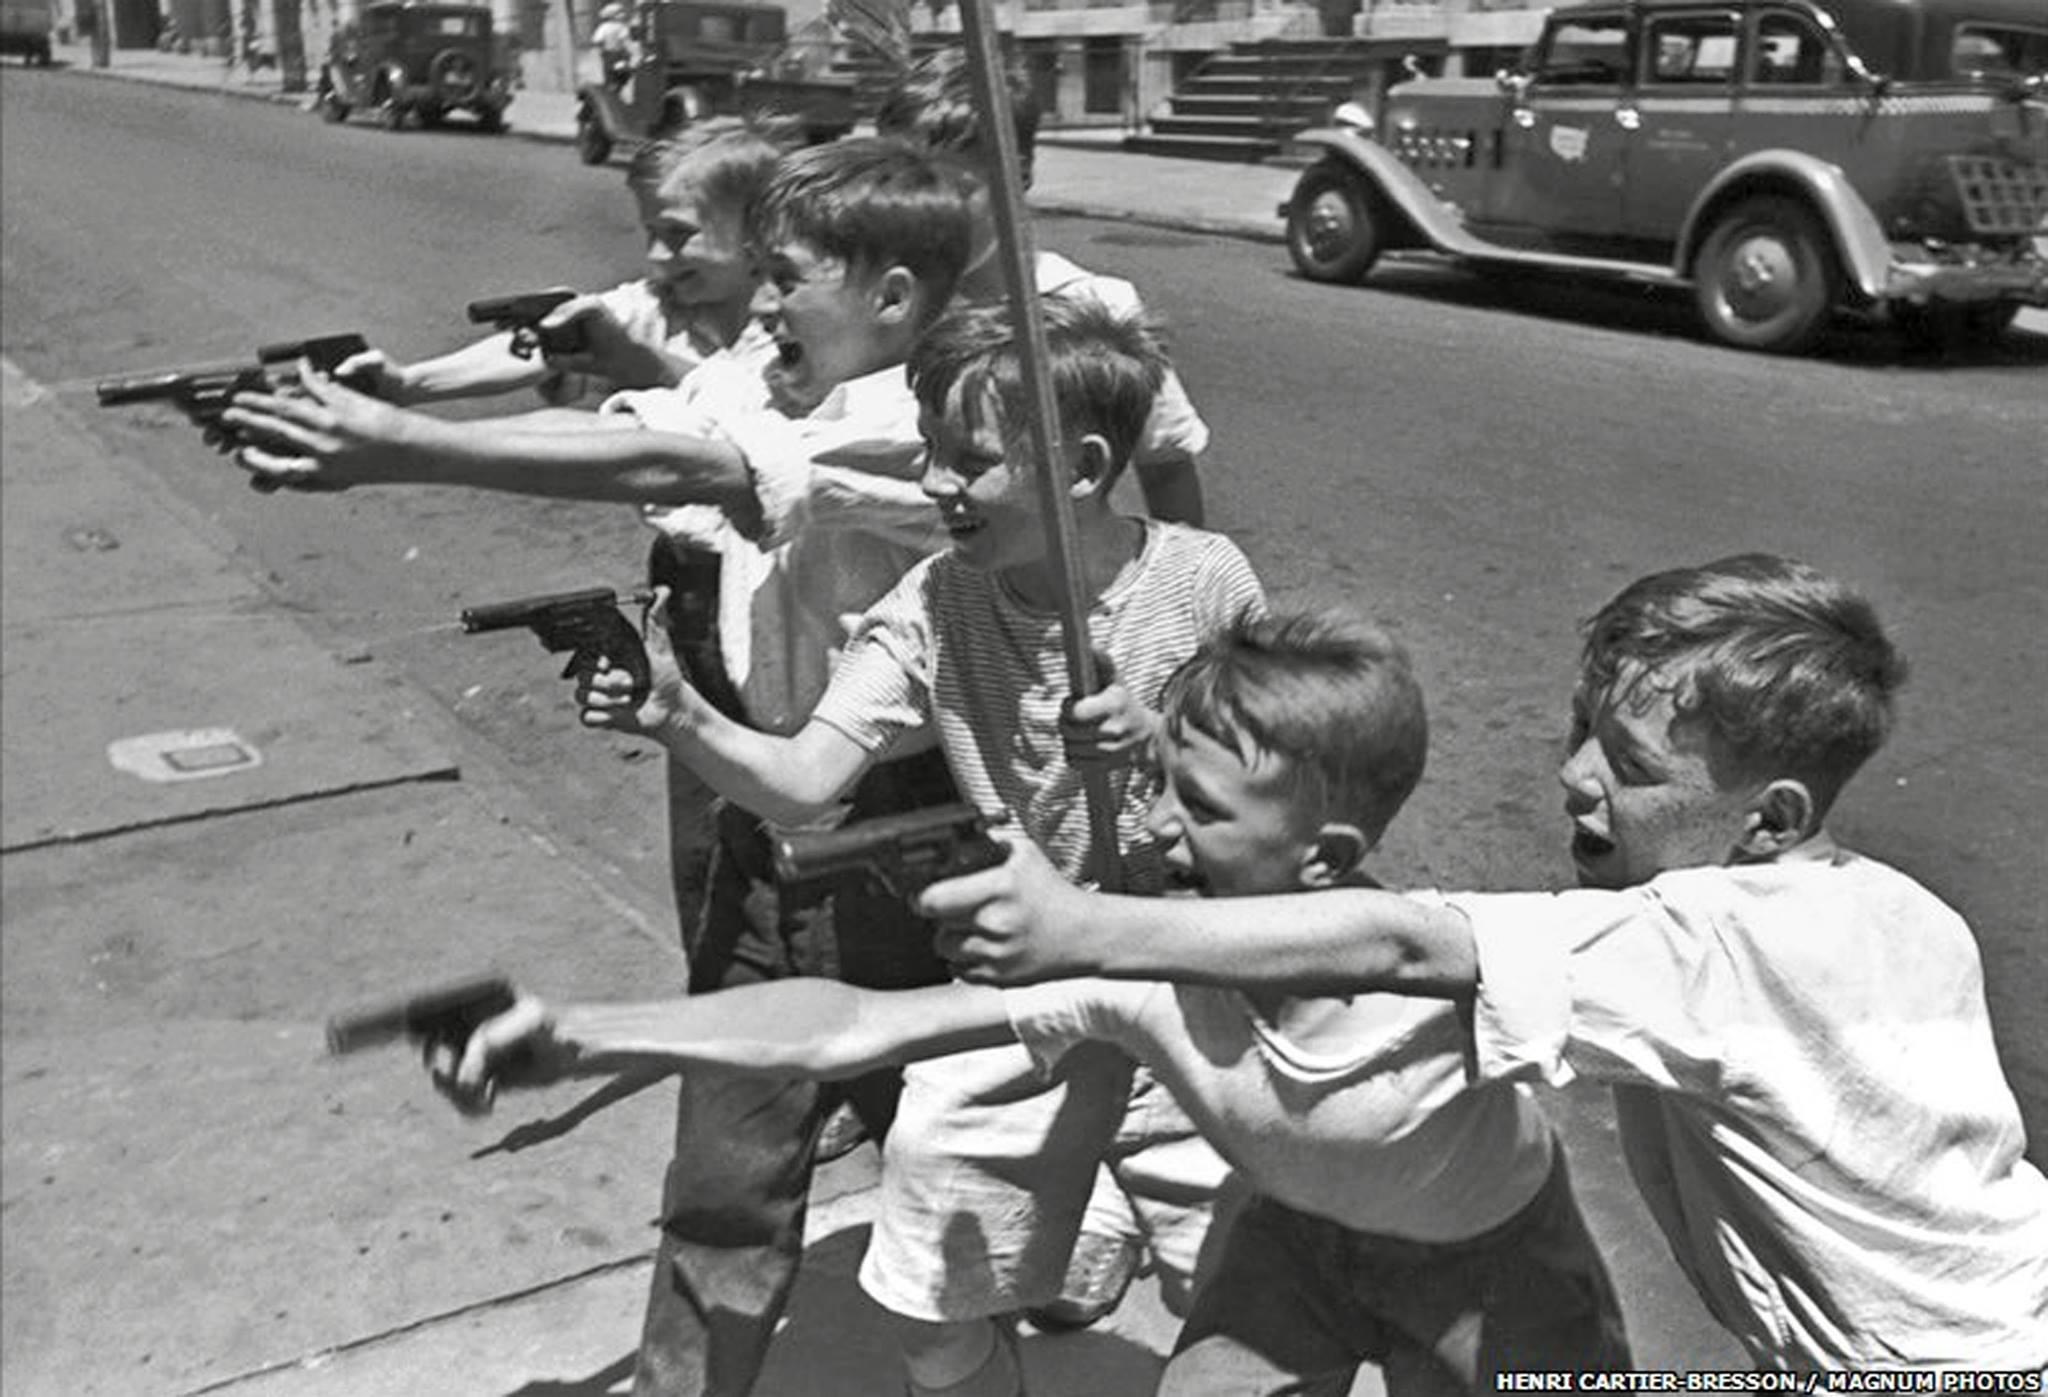 Cartier-Bresson Boys Guns